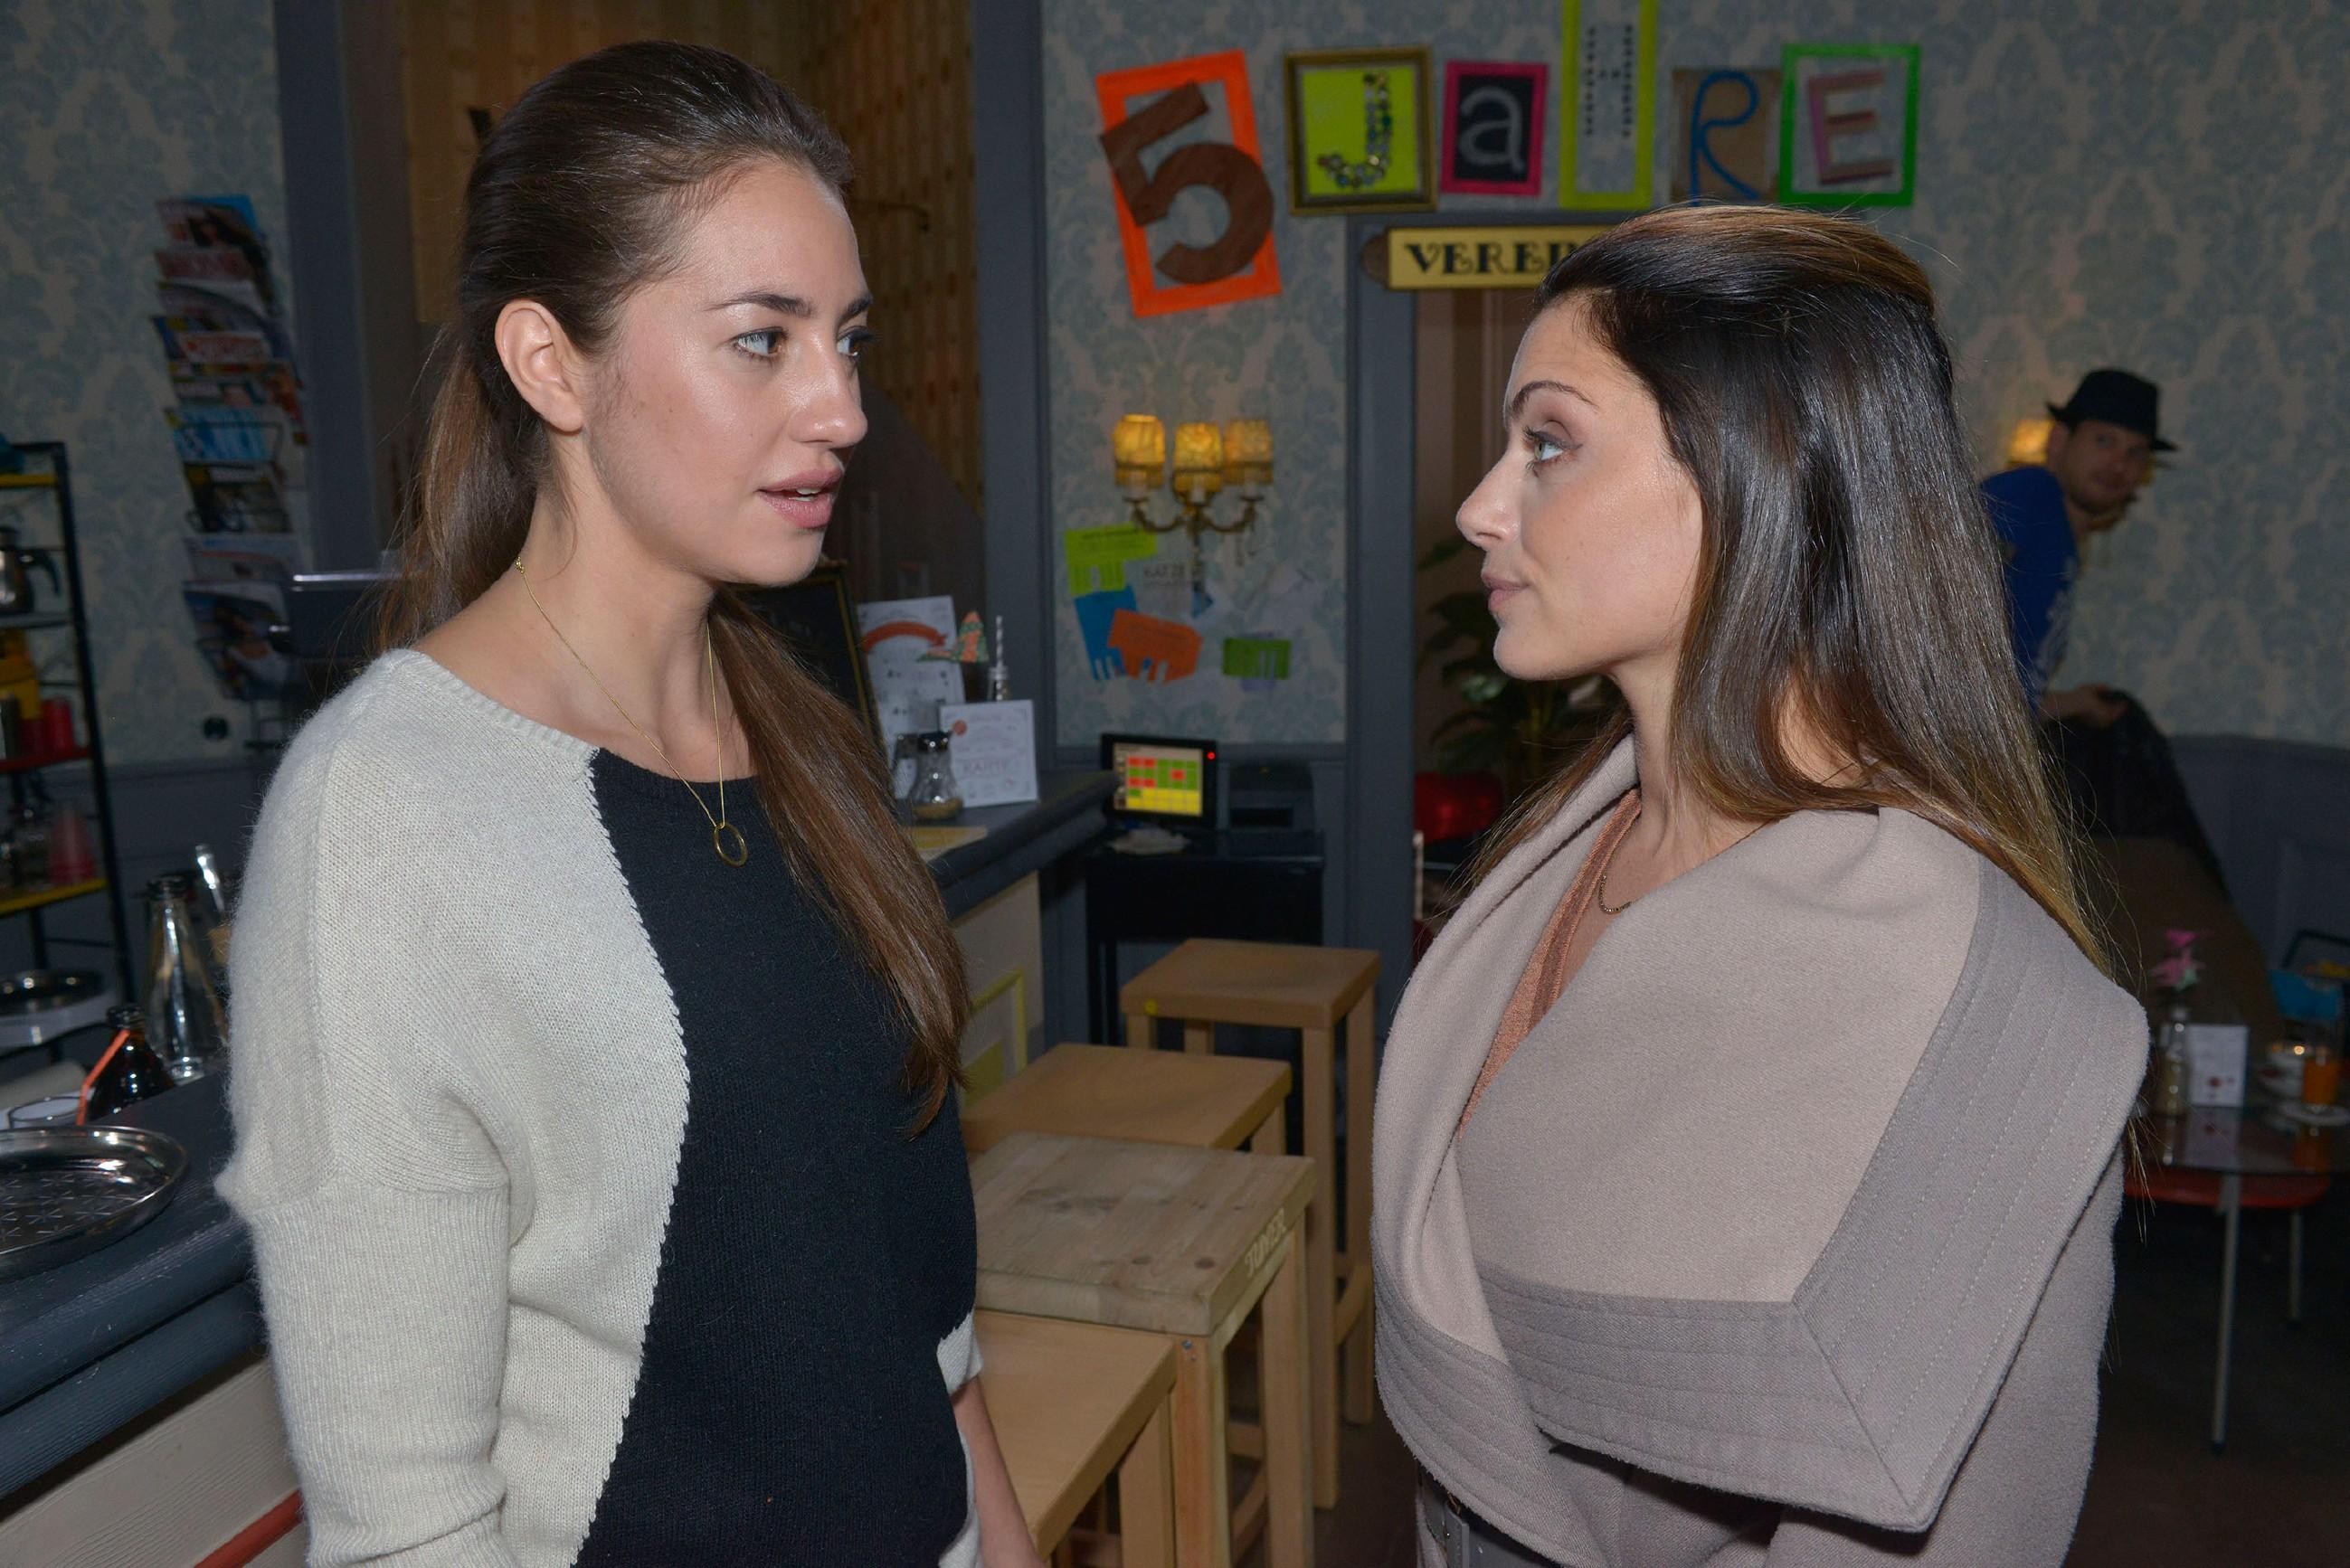 Als Emily (Anne Menden, r.) Elena (Elena Garcia Gerlach) übertriebene Rachsucht vorwirft, wenn sie Philip Chuchos Vergiftung anhängen will, weist diese Emily daraufhin klar in ihre Schranken. (Quelle: RTL / Rolf Baumgartner)